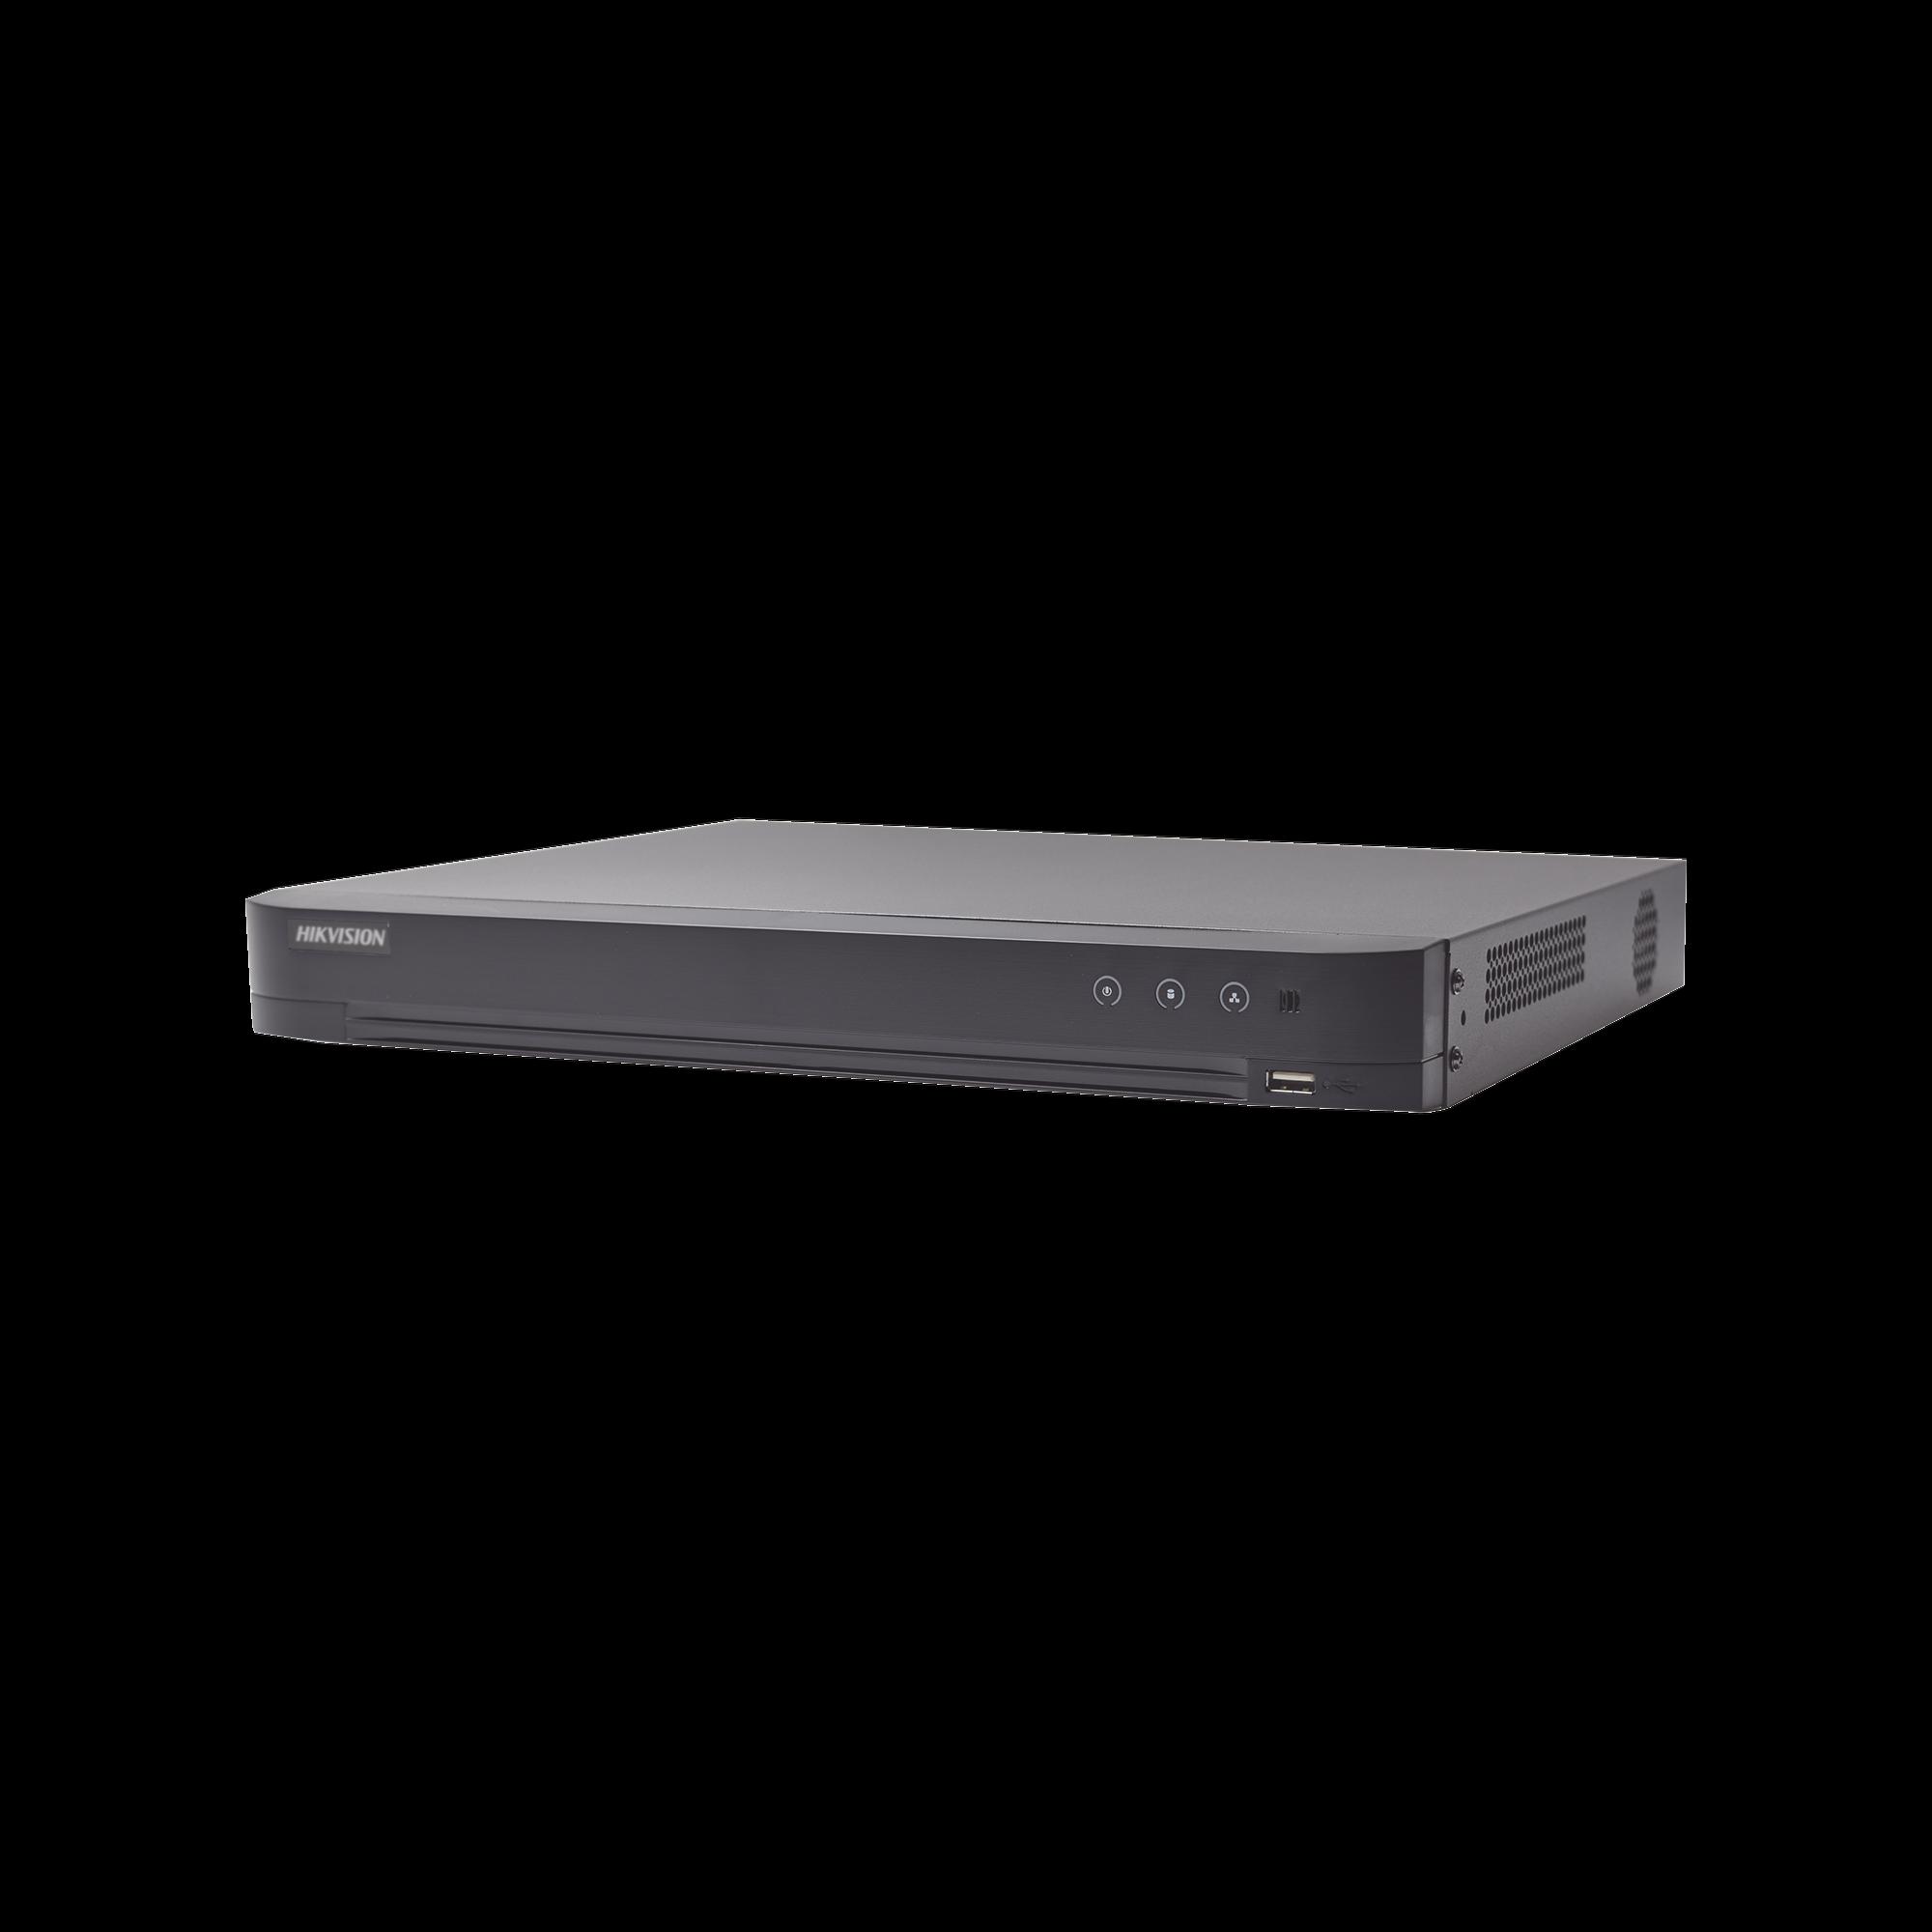 (ACUSENSE / Evita Falsas Alarmas) DVR 4 Megapixel / 16 Canales TURBOHD + 8 Canales IP / Detección de Rostros / 1 Bahía de Disco Duro / Audio por Coaxitron / Salida de Vídeo en Full HD